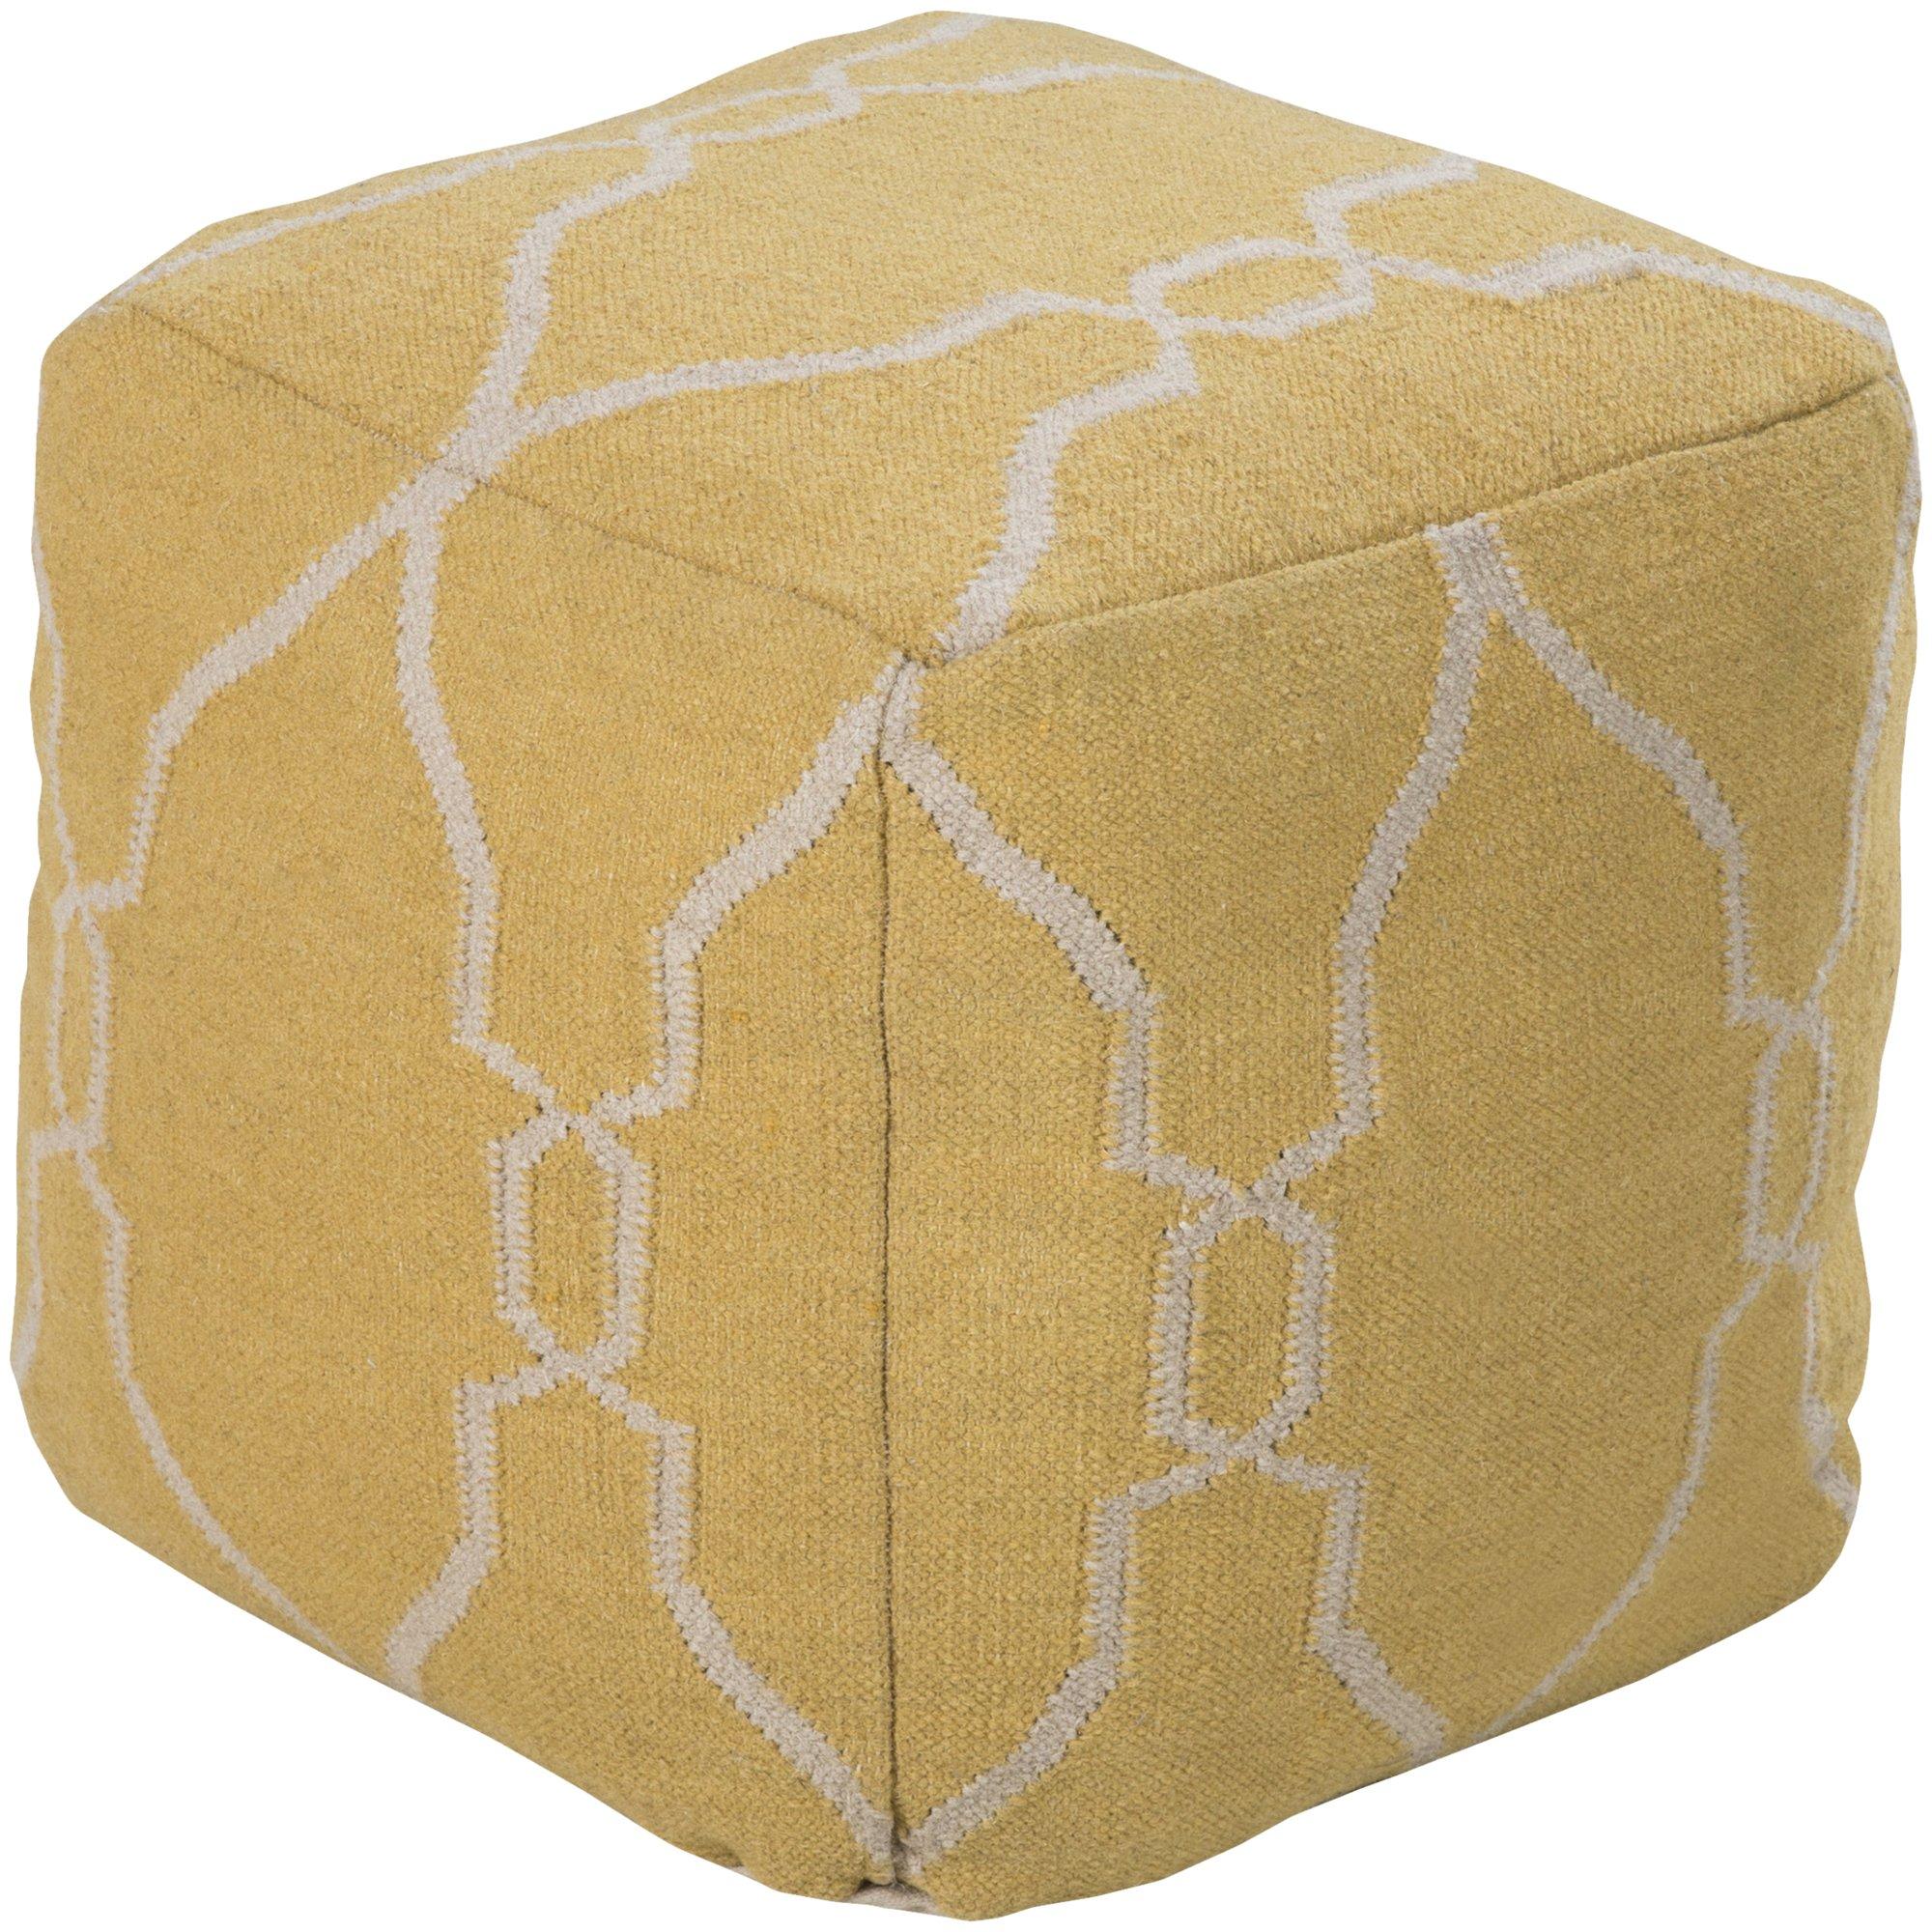 Jill Rosenwald by Surya POUF-22 Hand Made 100% Wool Ivory 18'' x 18'' x 18'' Pouf